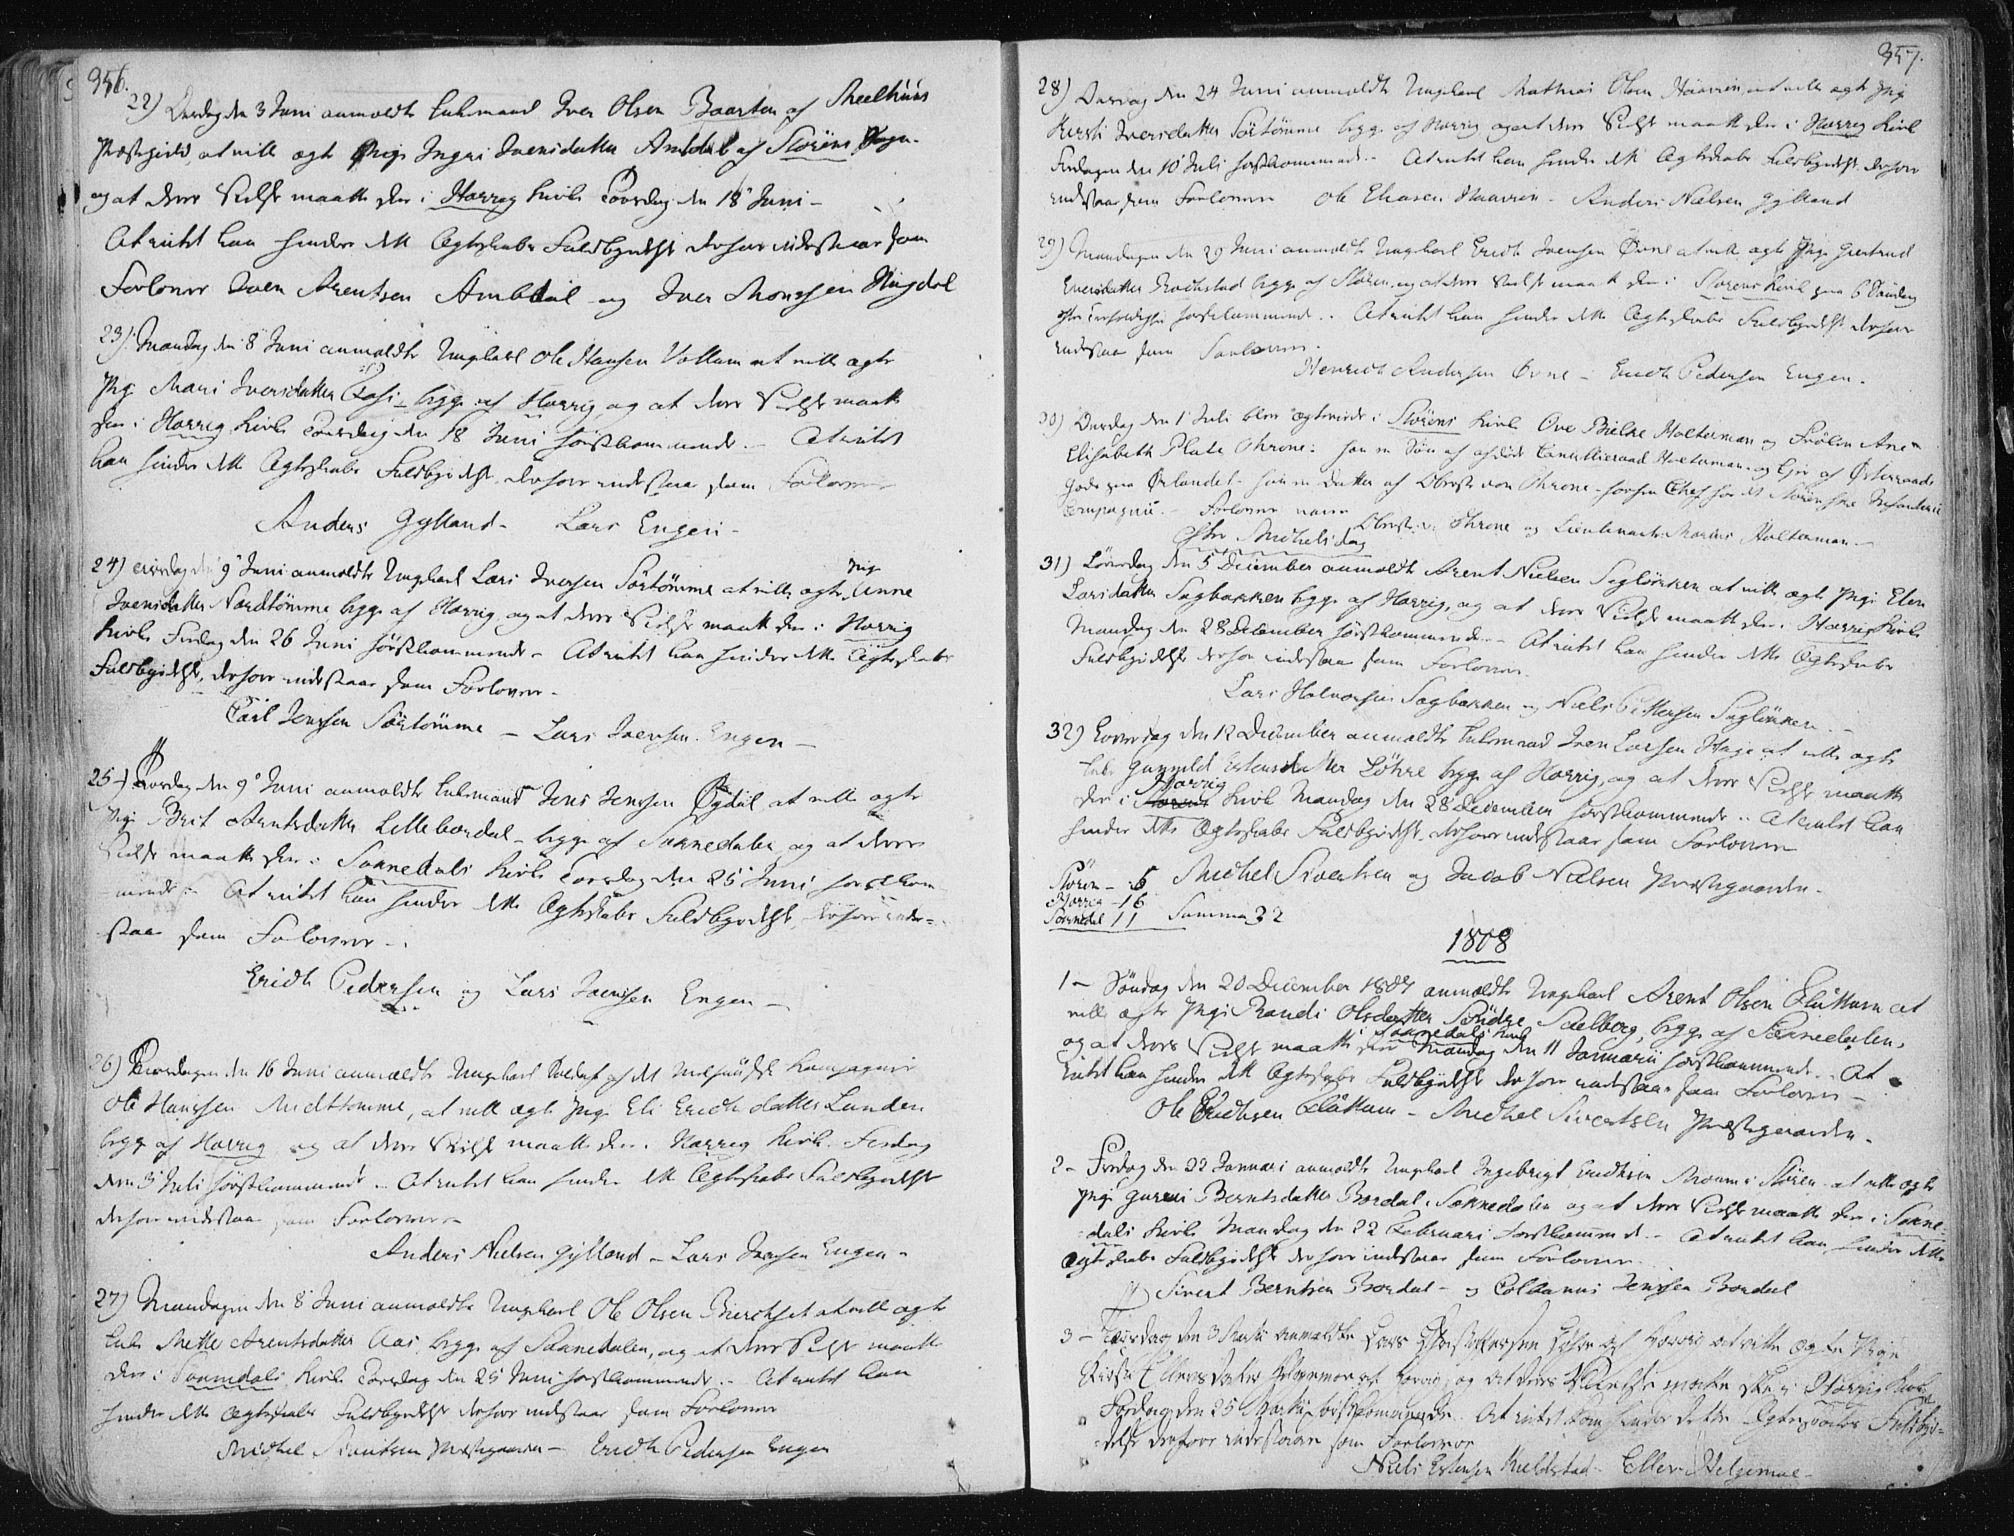 SAT, Ministerialprotokoller, klokkerbøker og fødselsregistre - Sør-Trøndelag, 687/L0992: Ministerialbok nr. 687A03 /1, 1788-1815, s. 356-357